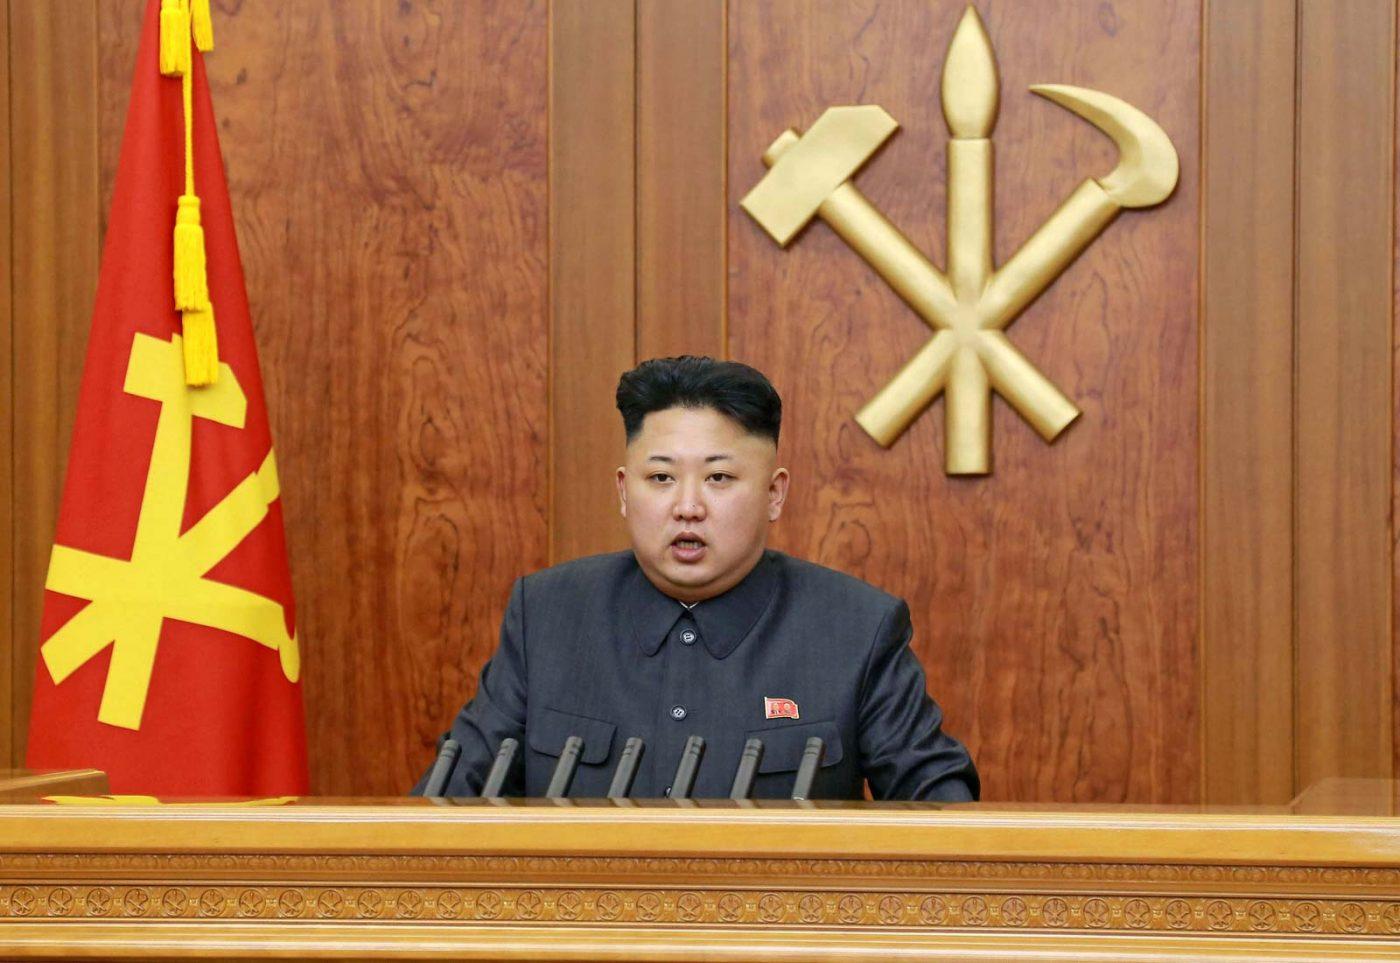 जनगणतन्त्र कोरियाको महासचिवमा किम जोङ उन निर्वाचित, चिनियाँ राष्ट्रपति सीद्वारा किमलाई बधाई